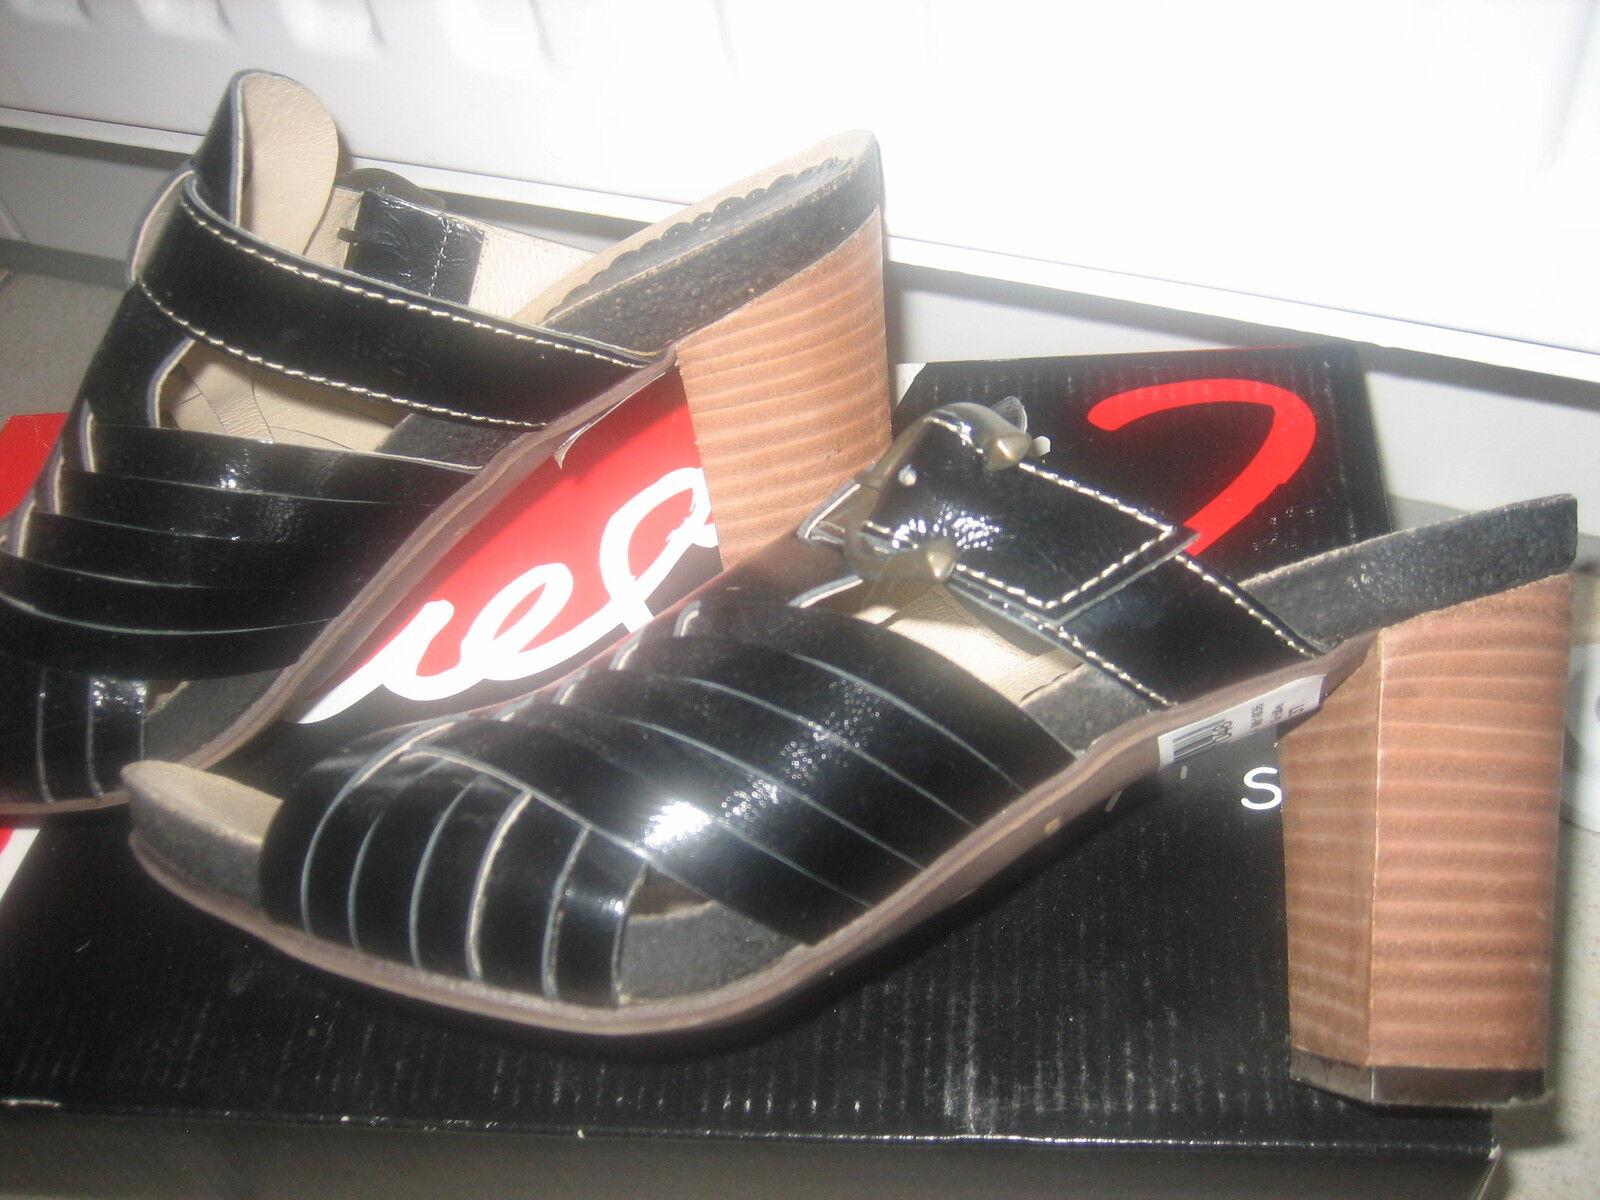 Hohe Ancle Stiefel - Leder UK Sandalette QUEST Heels - UK Leder 4,5 37 schwarz TOP + Tasche 3a05e7